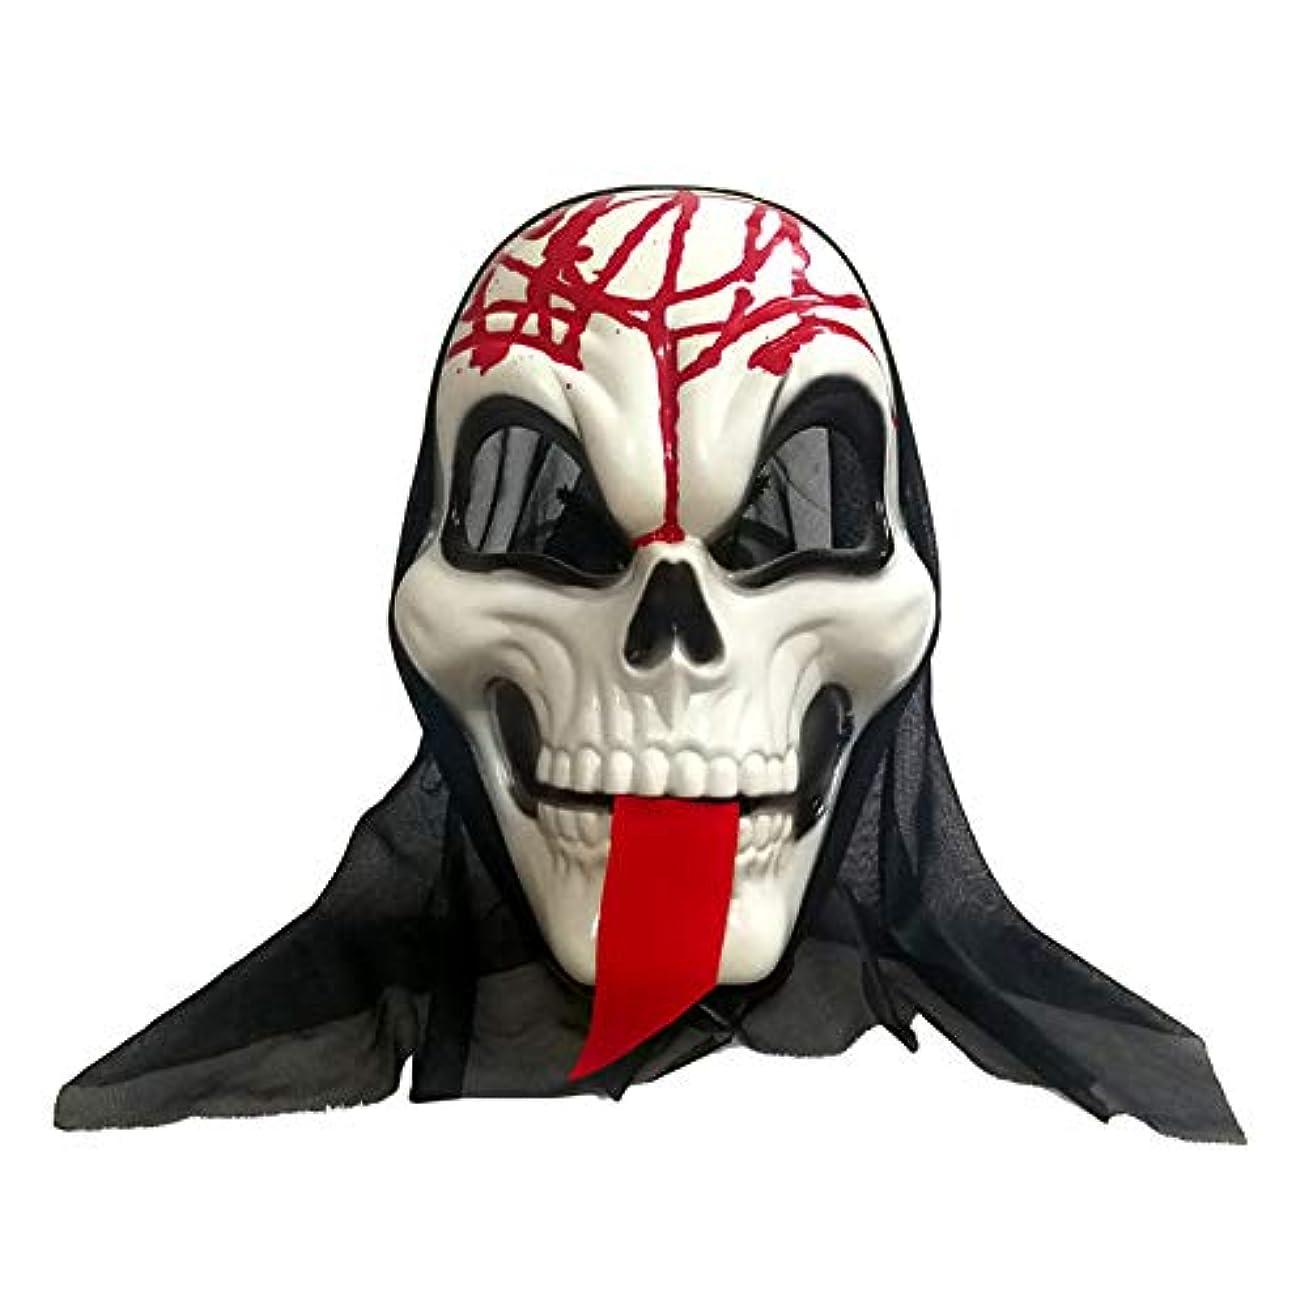 ドロップエッセイ何怖いゴーストヘッド怖いマスク唾を吐く舌ヴァンパイアマスクハロウィンゴーストフェスティバル全体男小道具